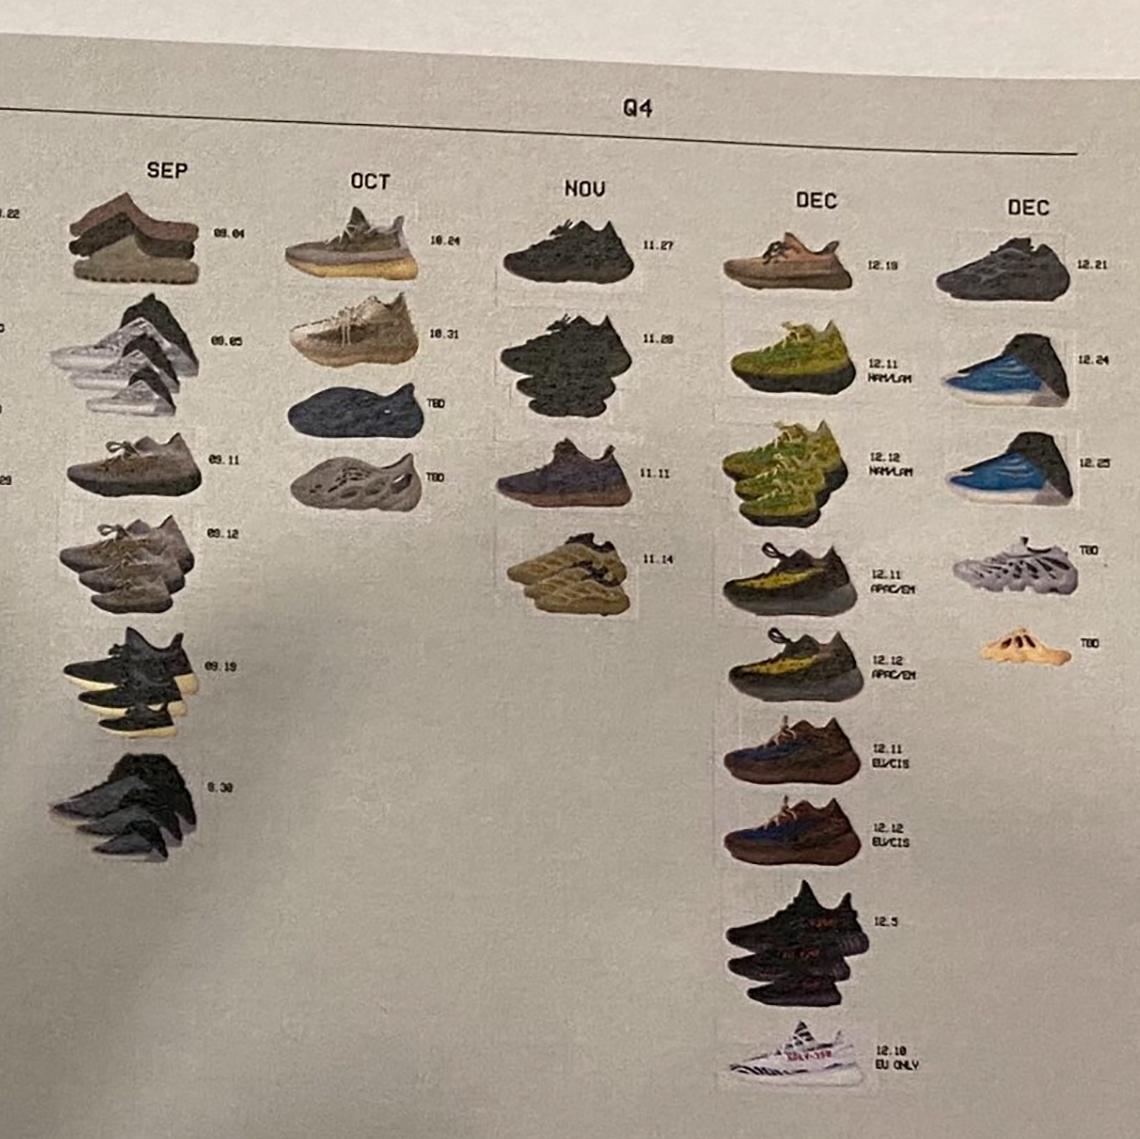 adidas Yeezy 2020 Upcoming Release